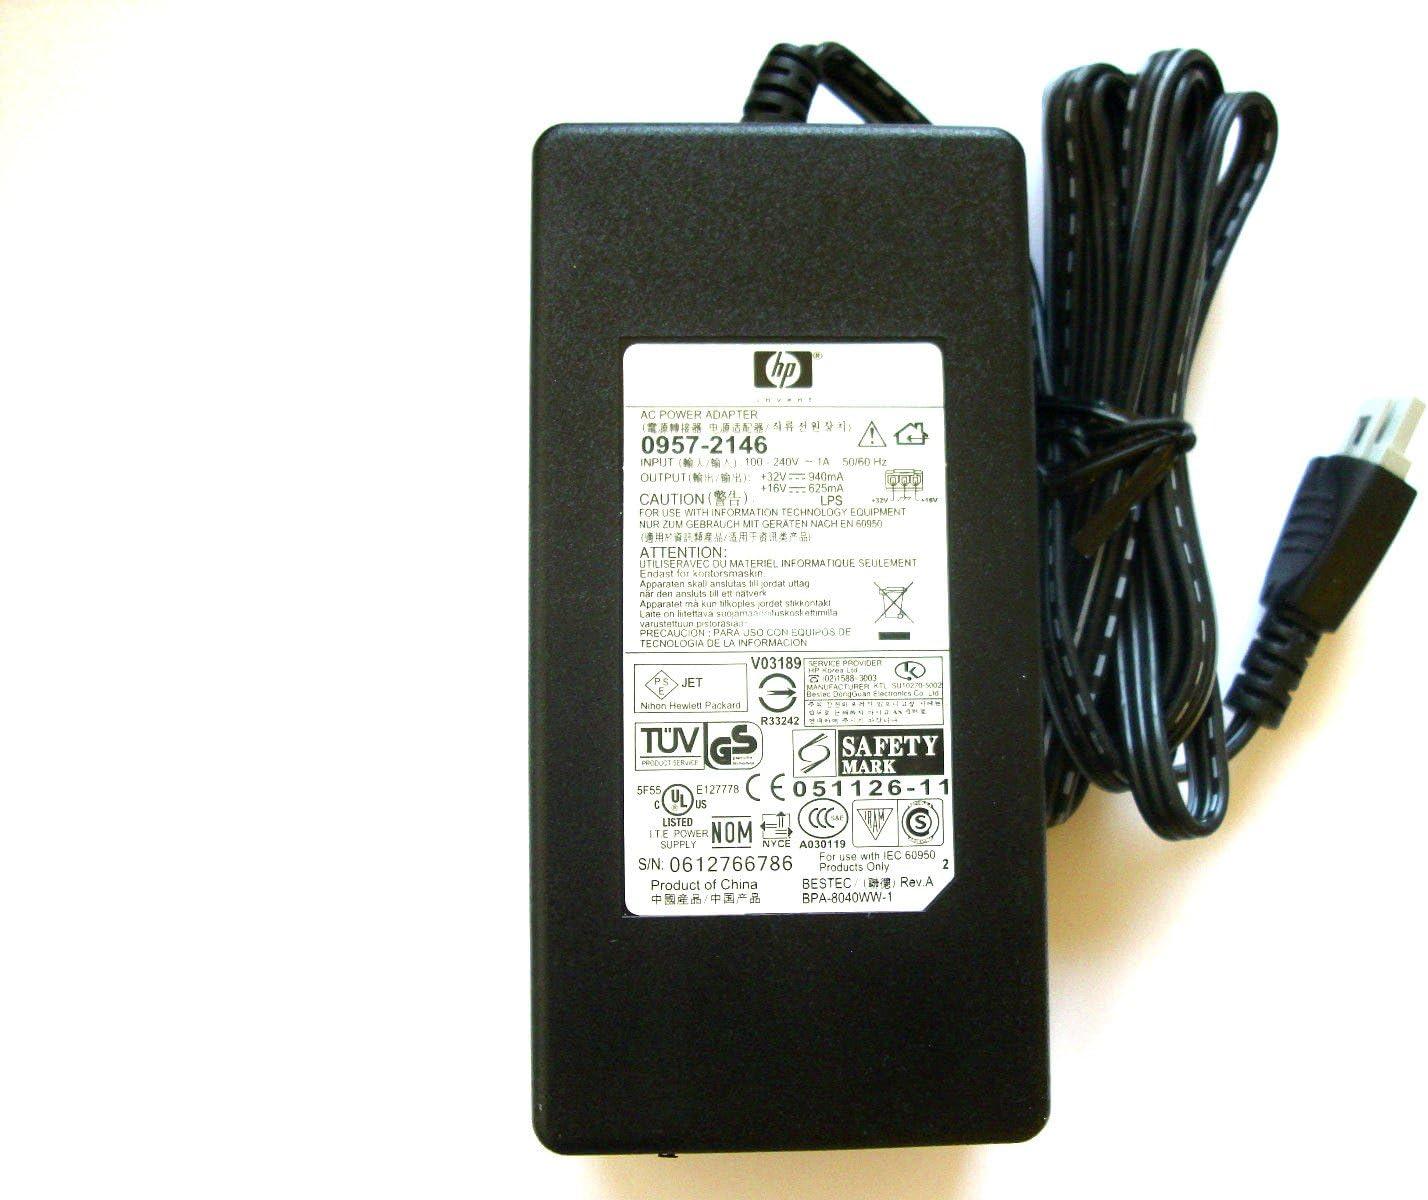 HP 0957-2146 Deskjet Officejet Impresora Fuente De Alimentación ...